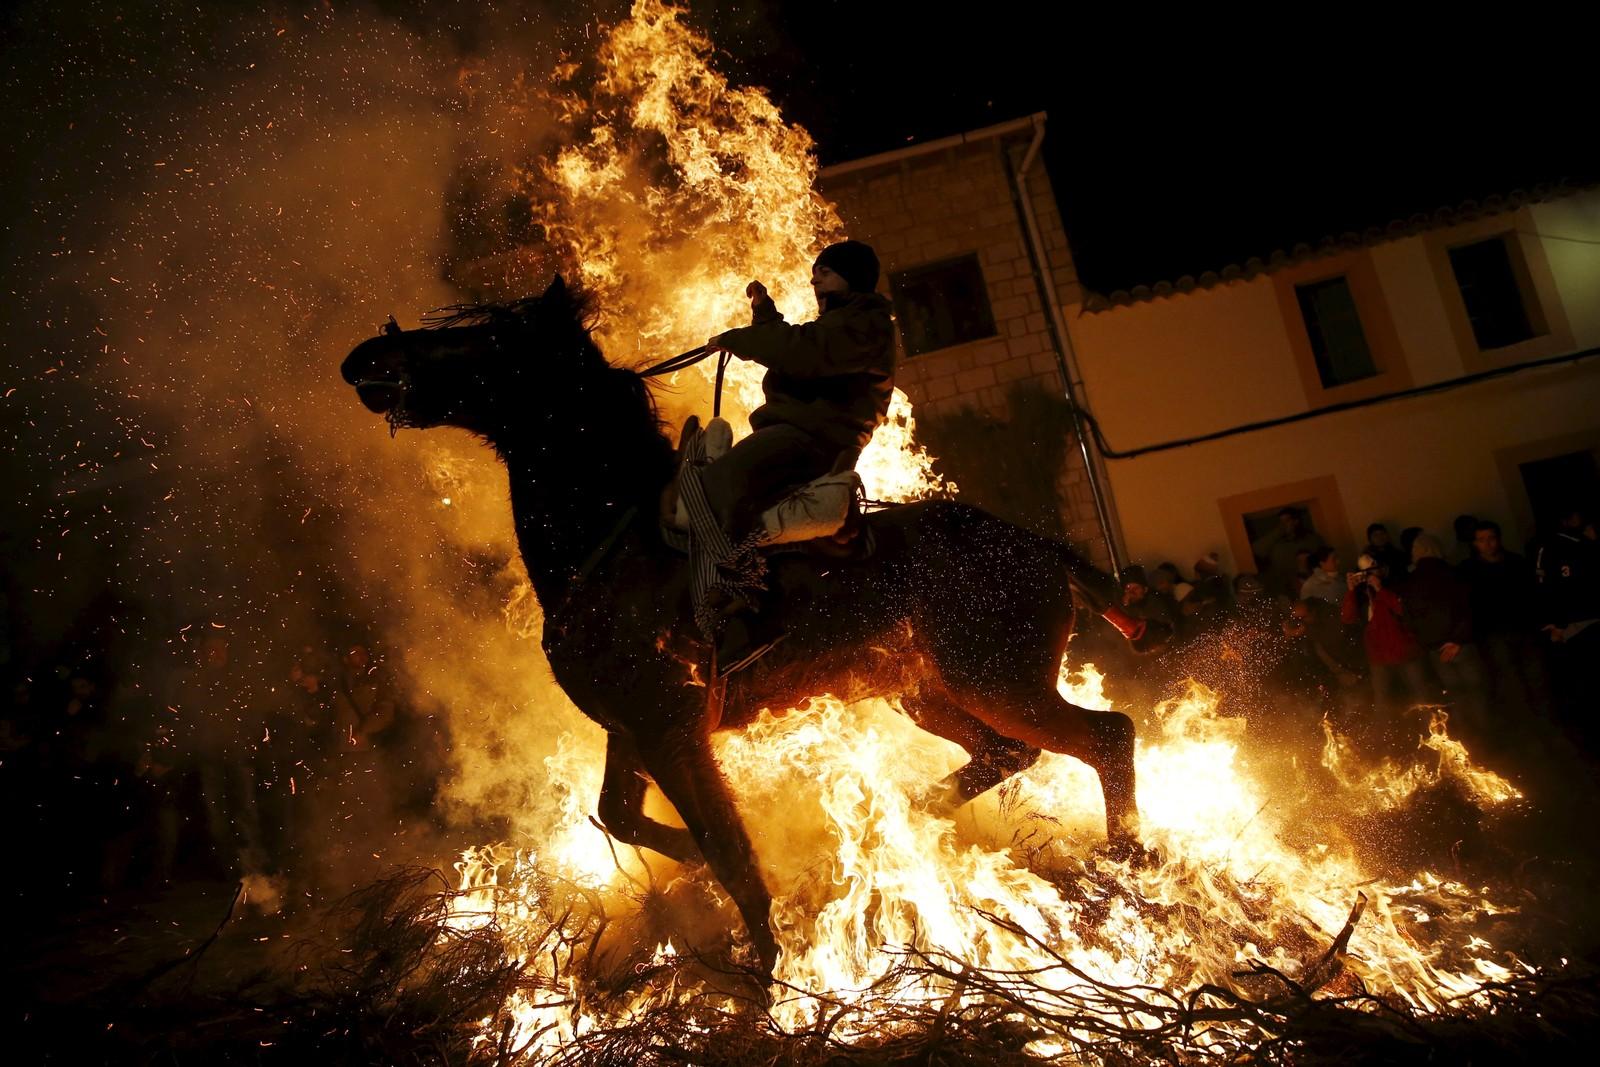 En mann rir gjenom et flammehav under den årlig feiringen «Luminarias» i spanske San Bartolome de Pinares.